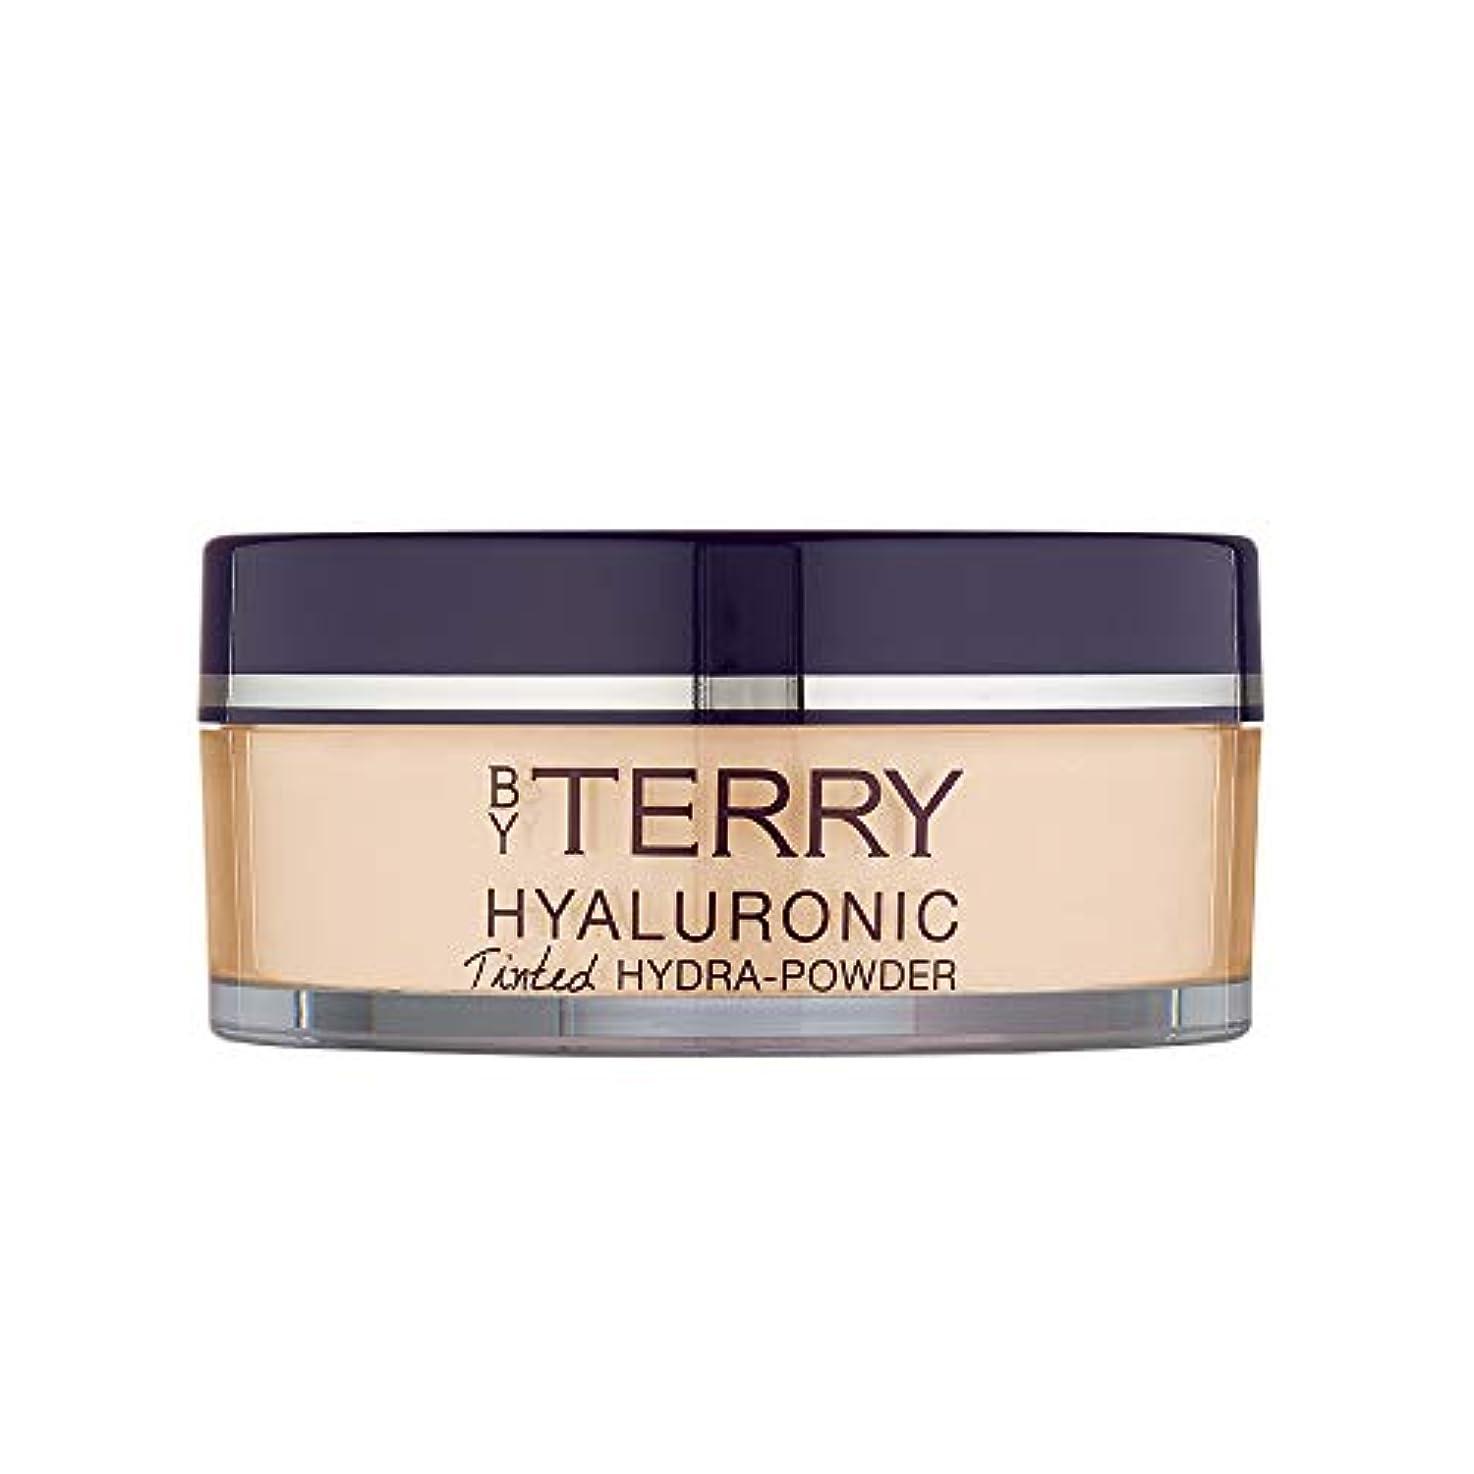 ツーリスト代理人リア王バイテリー Hyaluronic Tinted Hydra Care Setting Powder - # 100 Fair 10g/0.35oz並行輸入品